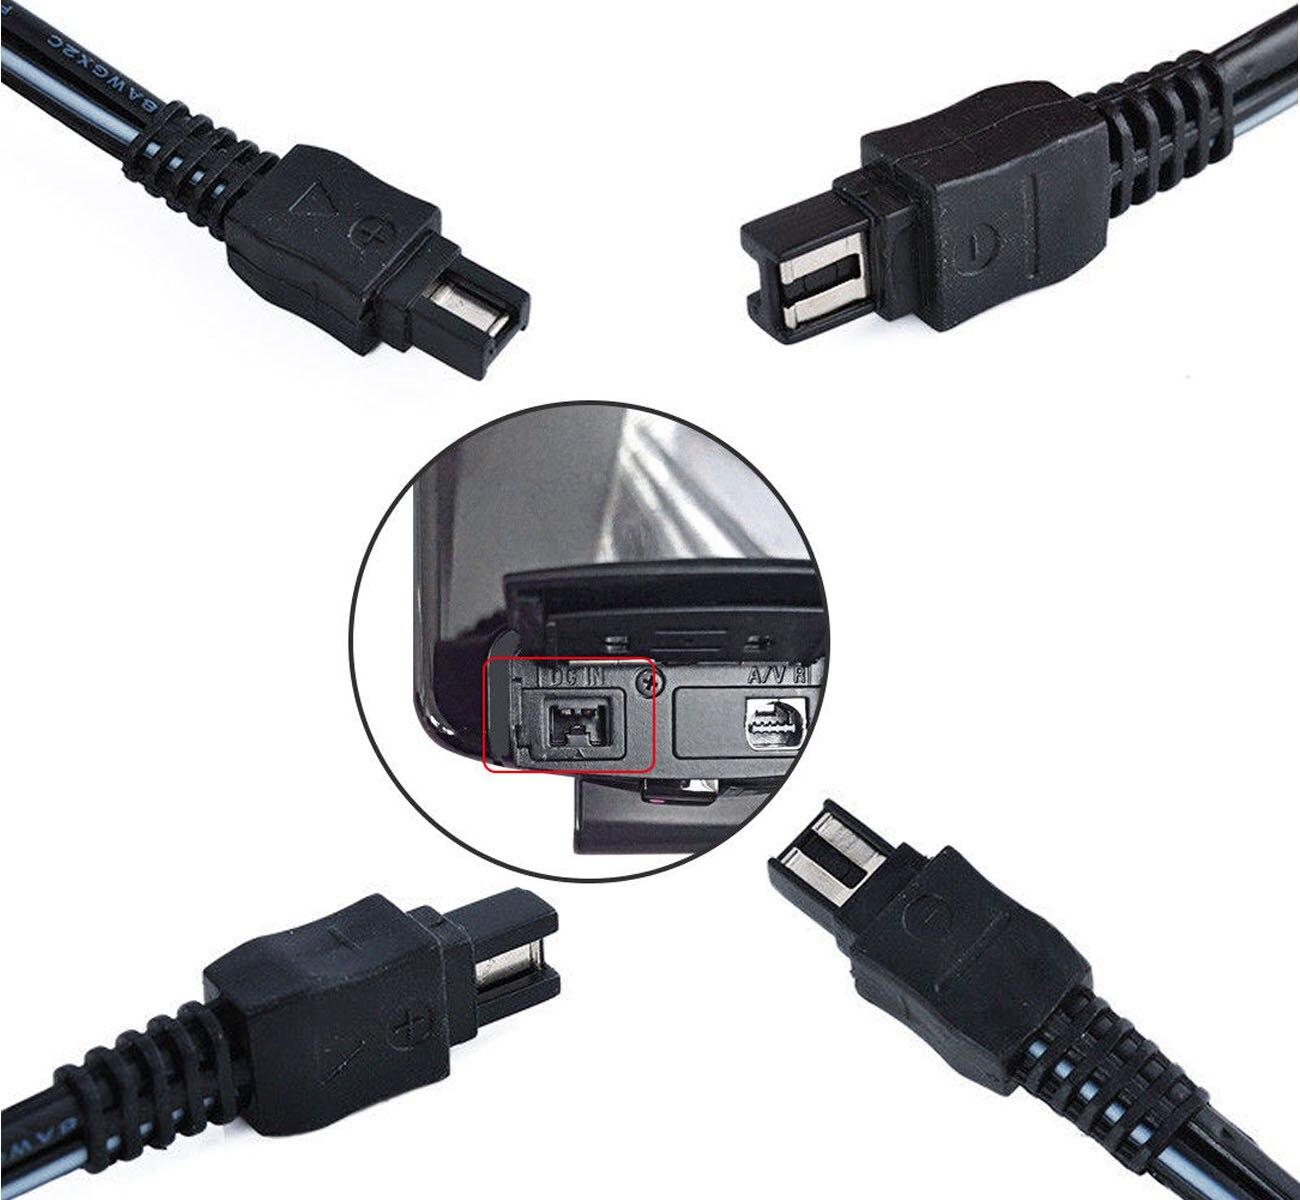 Fuente de alimentación cargador cable cargador para Sony dcr-ip1//dcr-ip1e//dcr-ip5